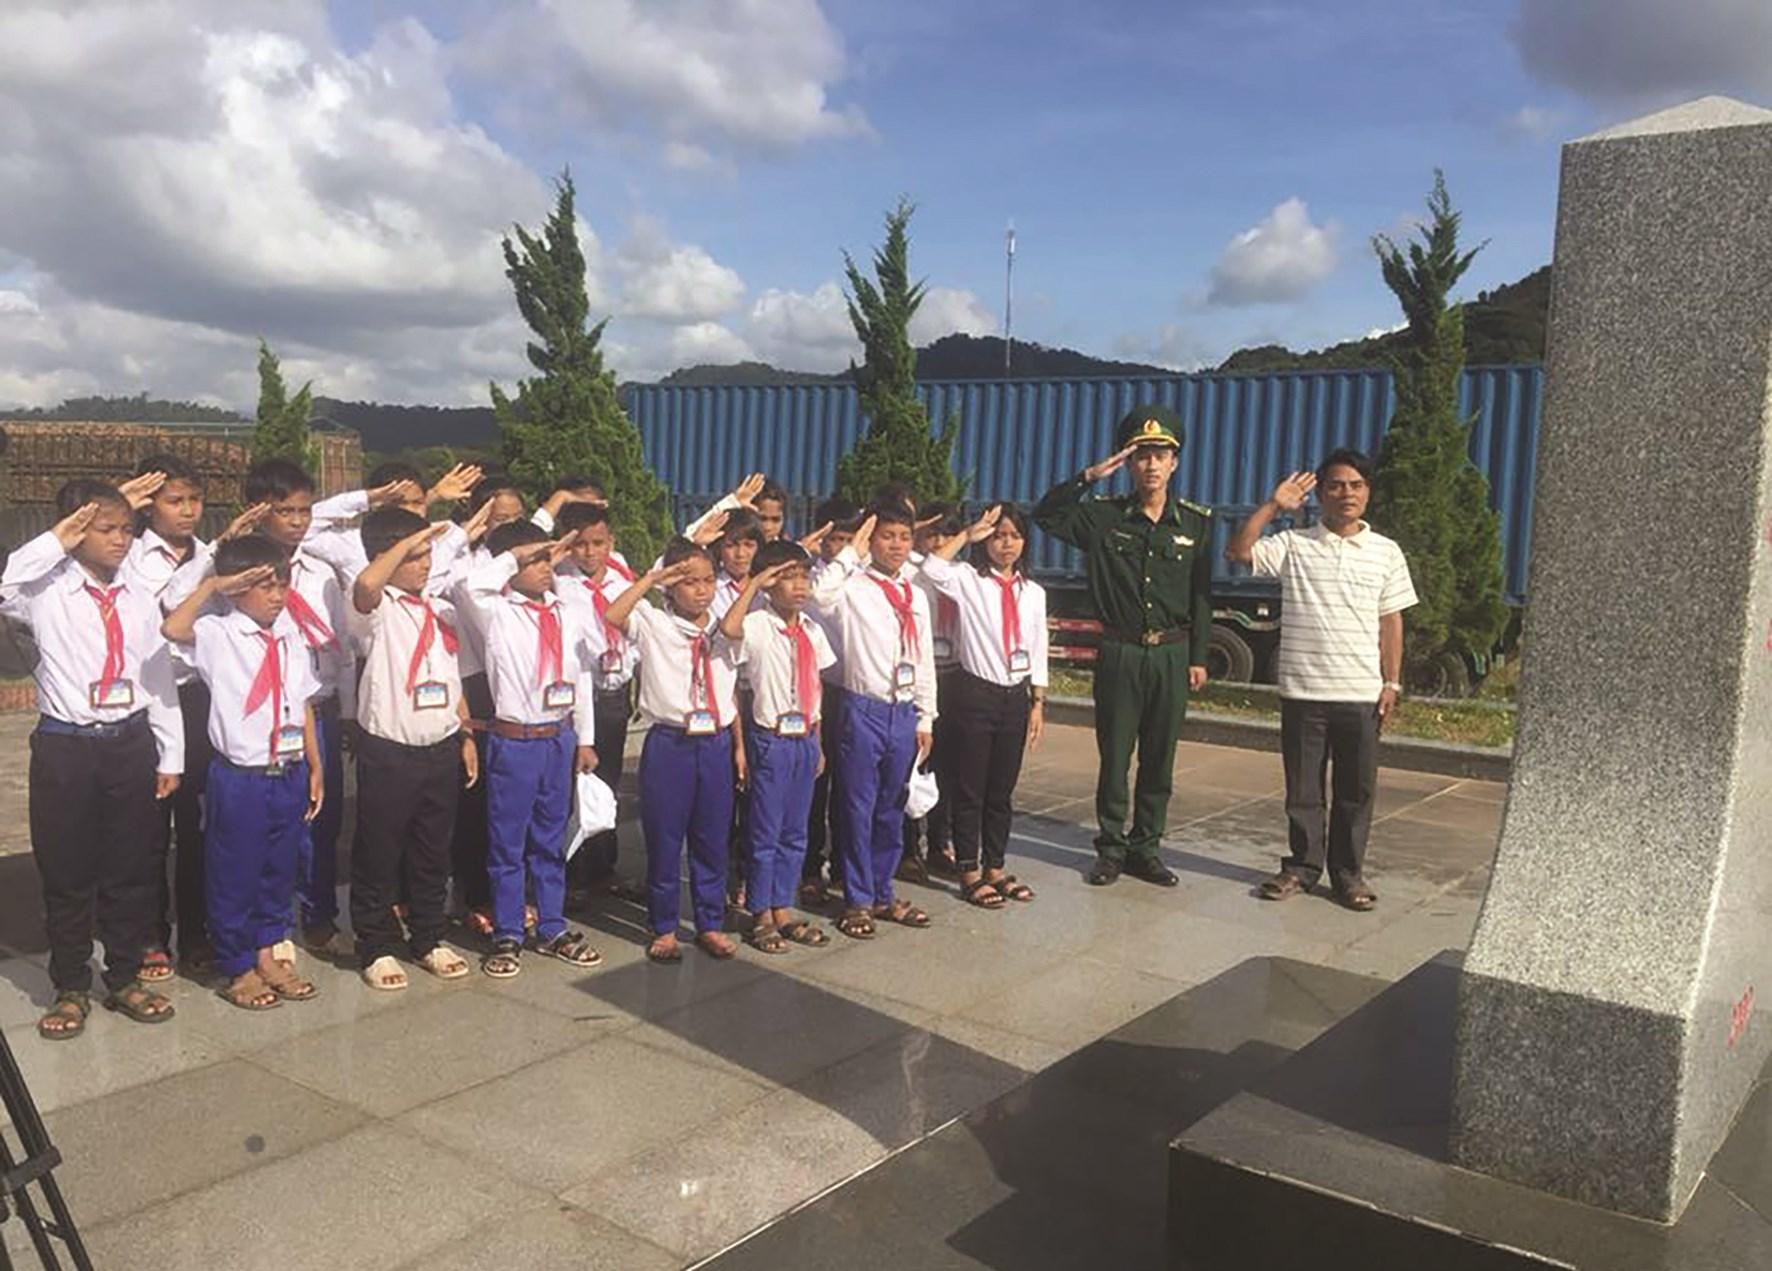 """""""Tiết học biên giới"""" đã và đang góp phần bồi đắp tình yêu quê hương, đất nước cho các em học sinh trên tuyến biên giới tỉnh Quảng Trị"""